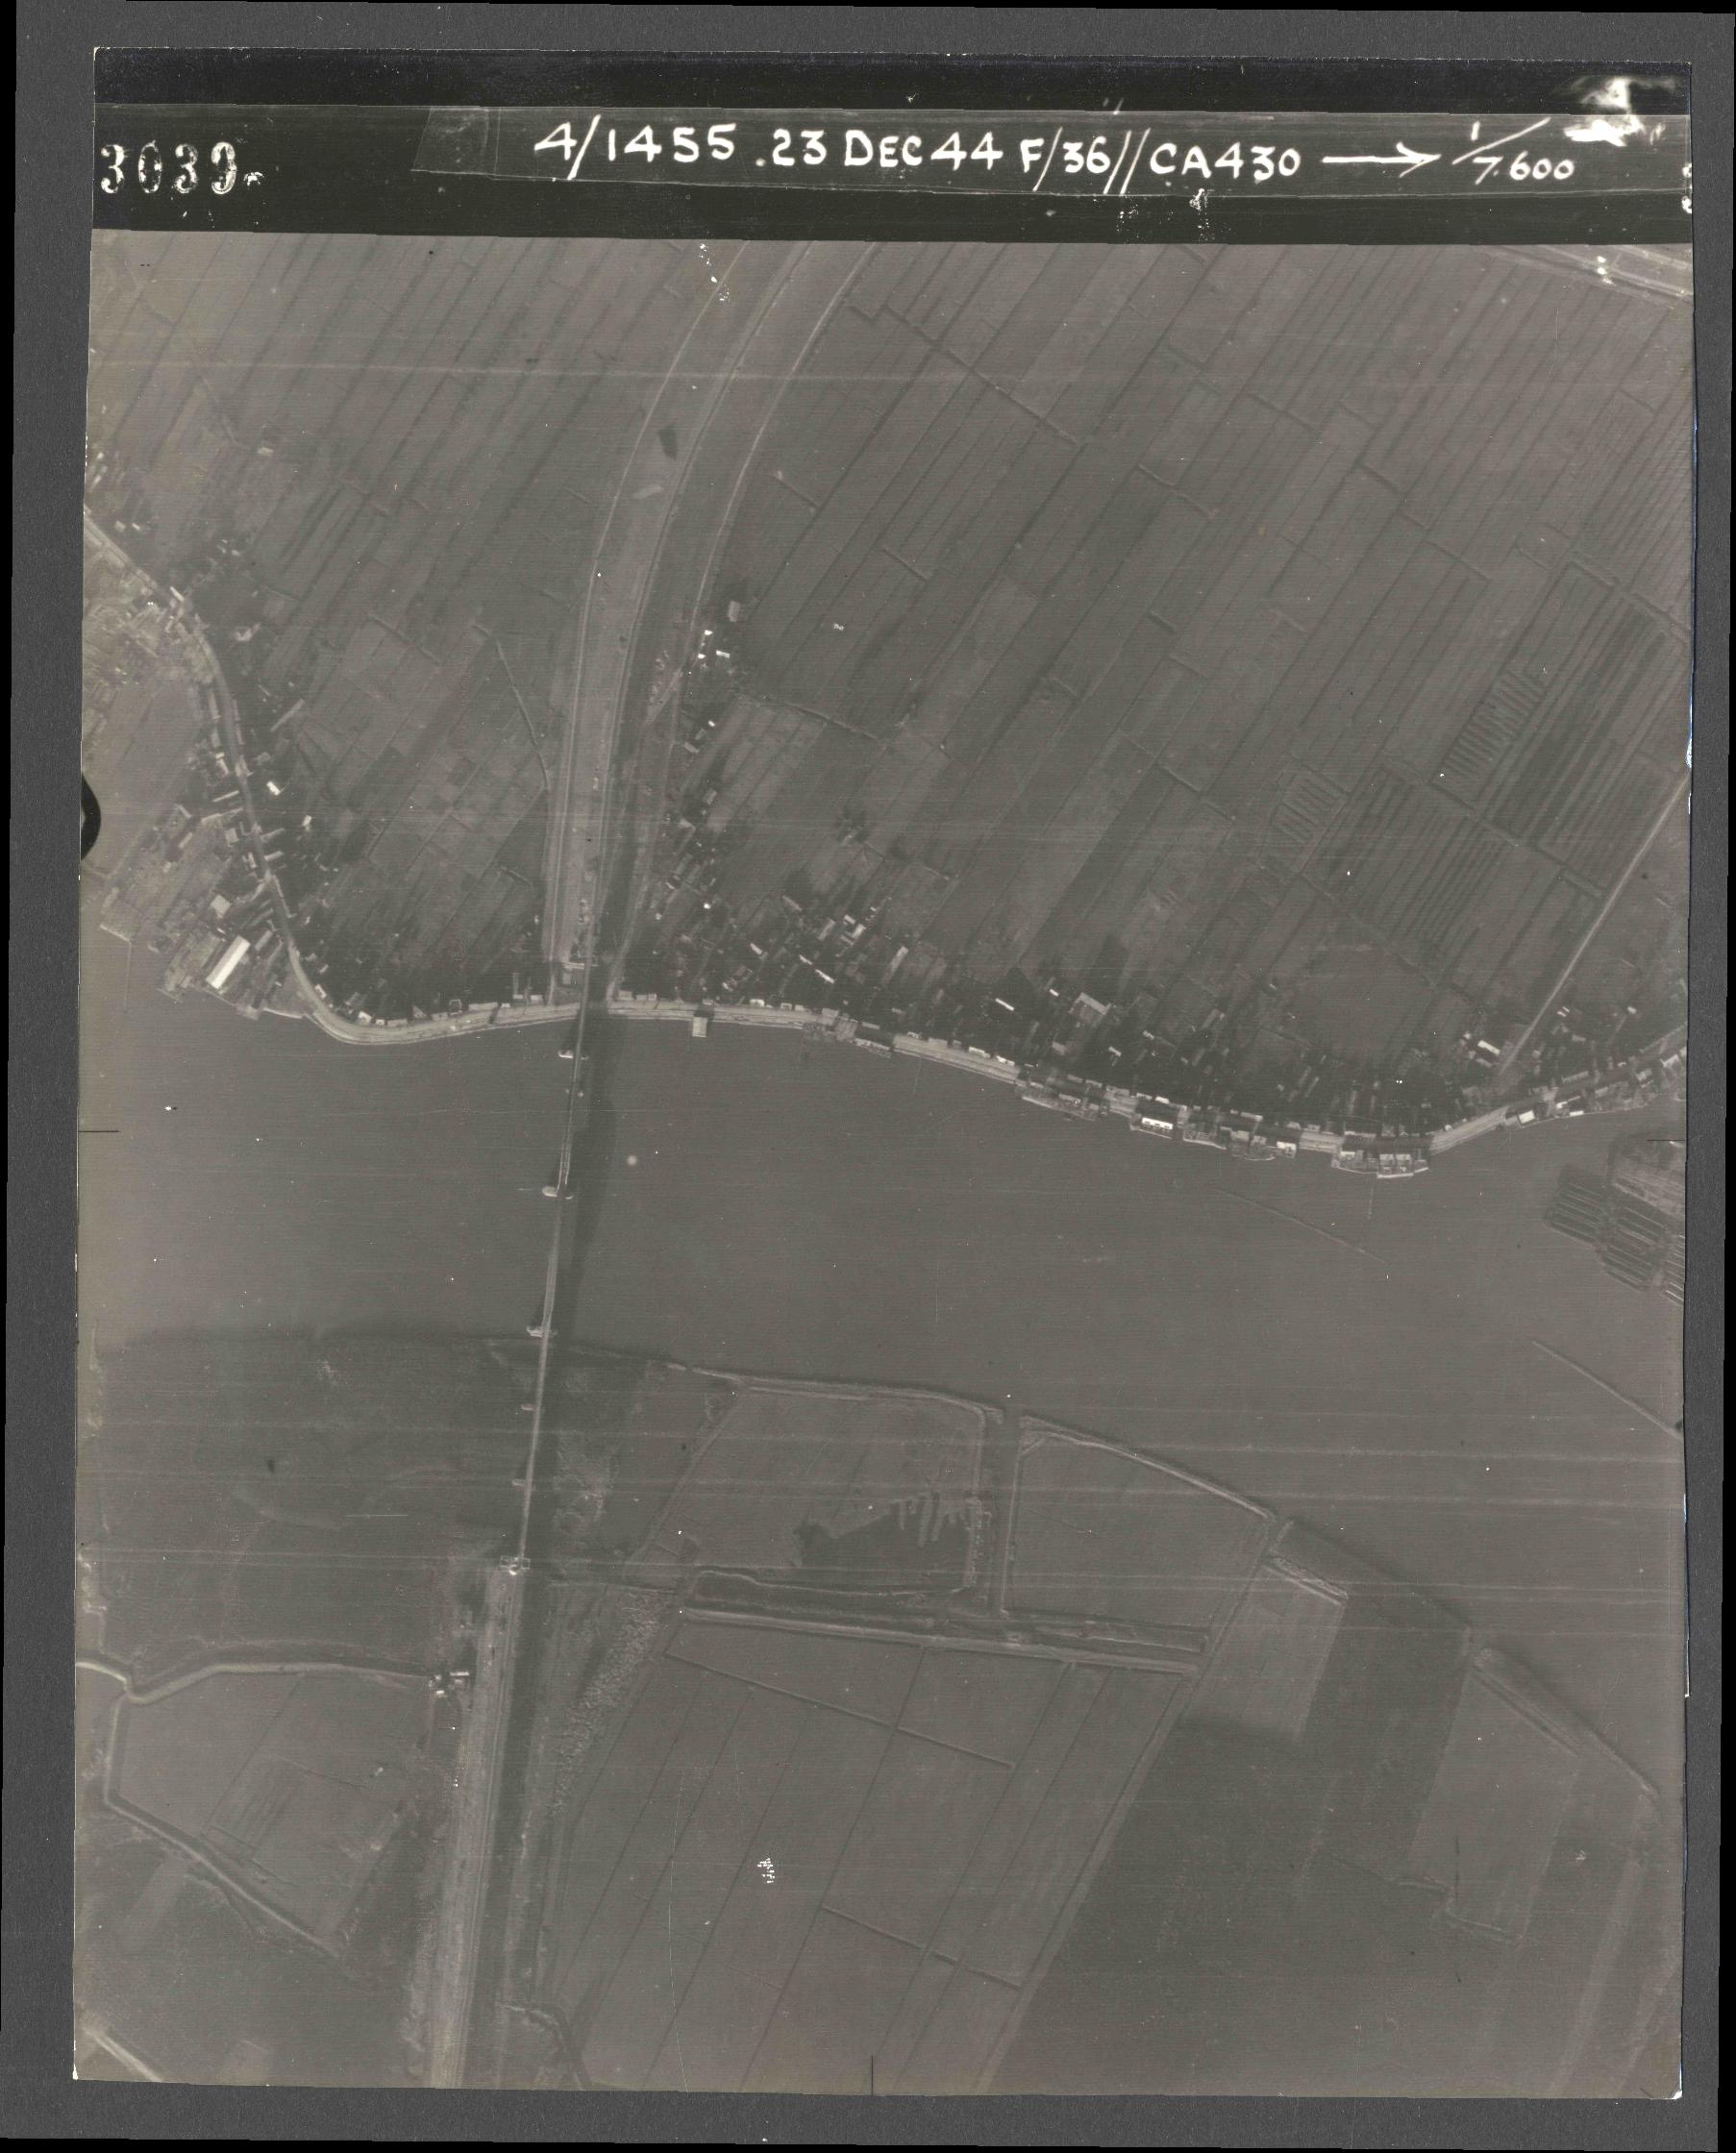 Collection RAF aerial photos 1940-1945 - flight 051, run 07, photo 3039